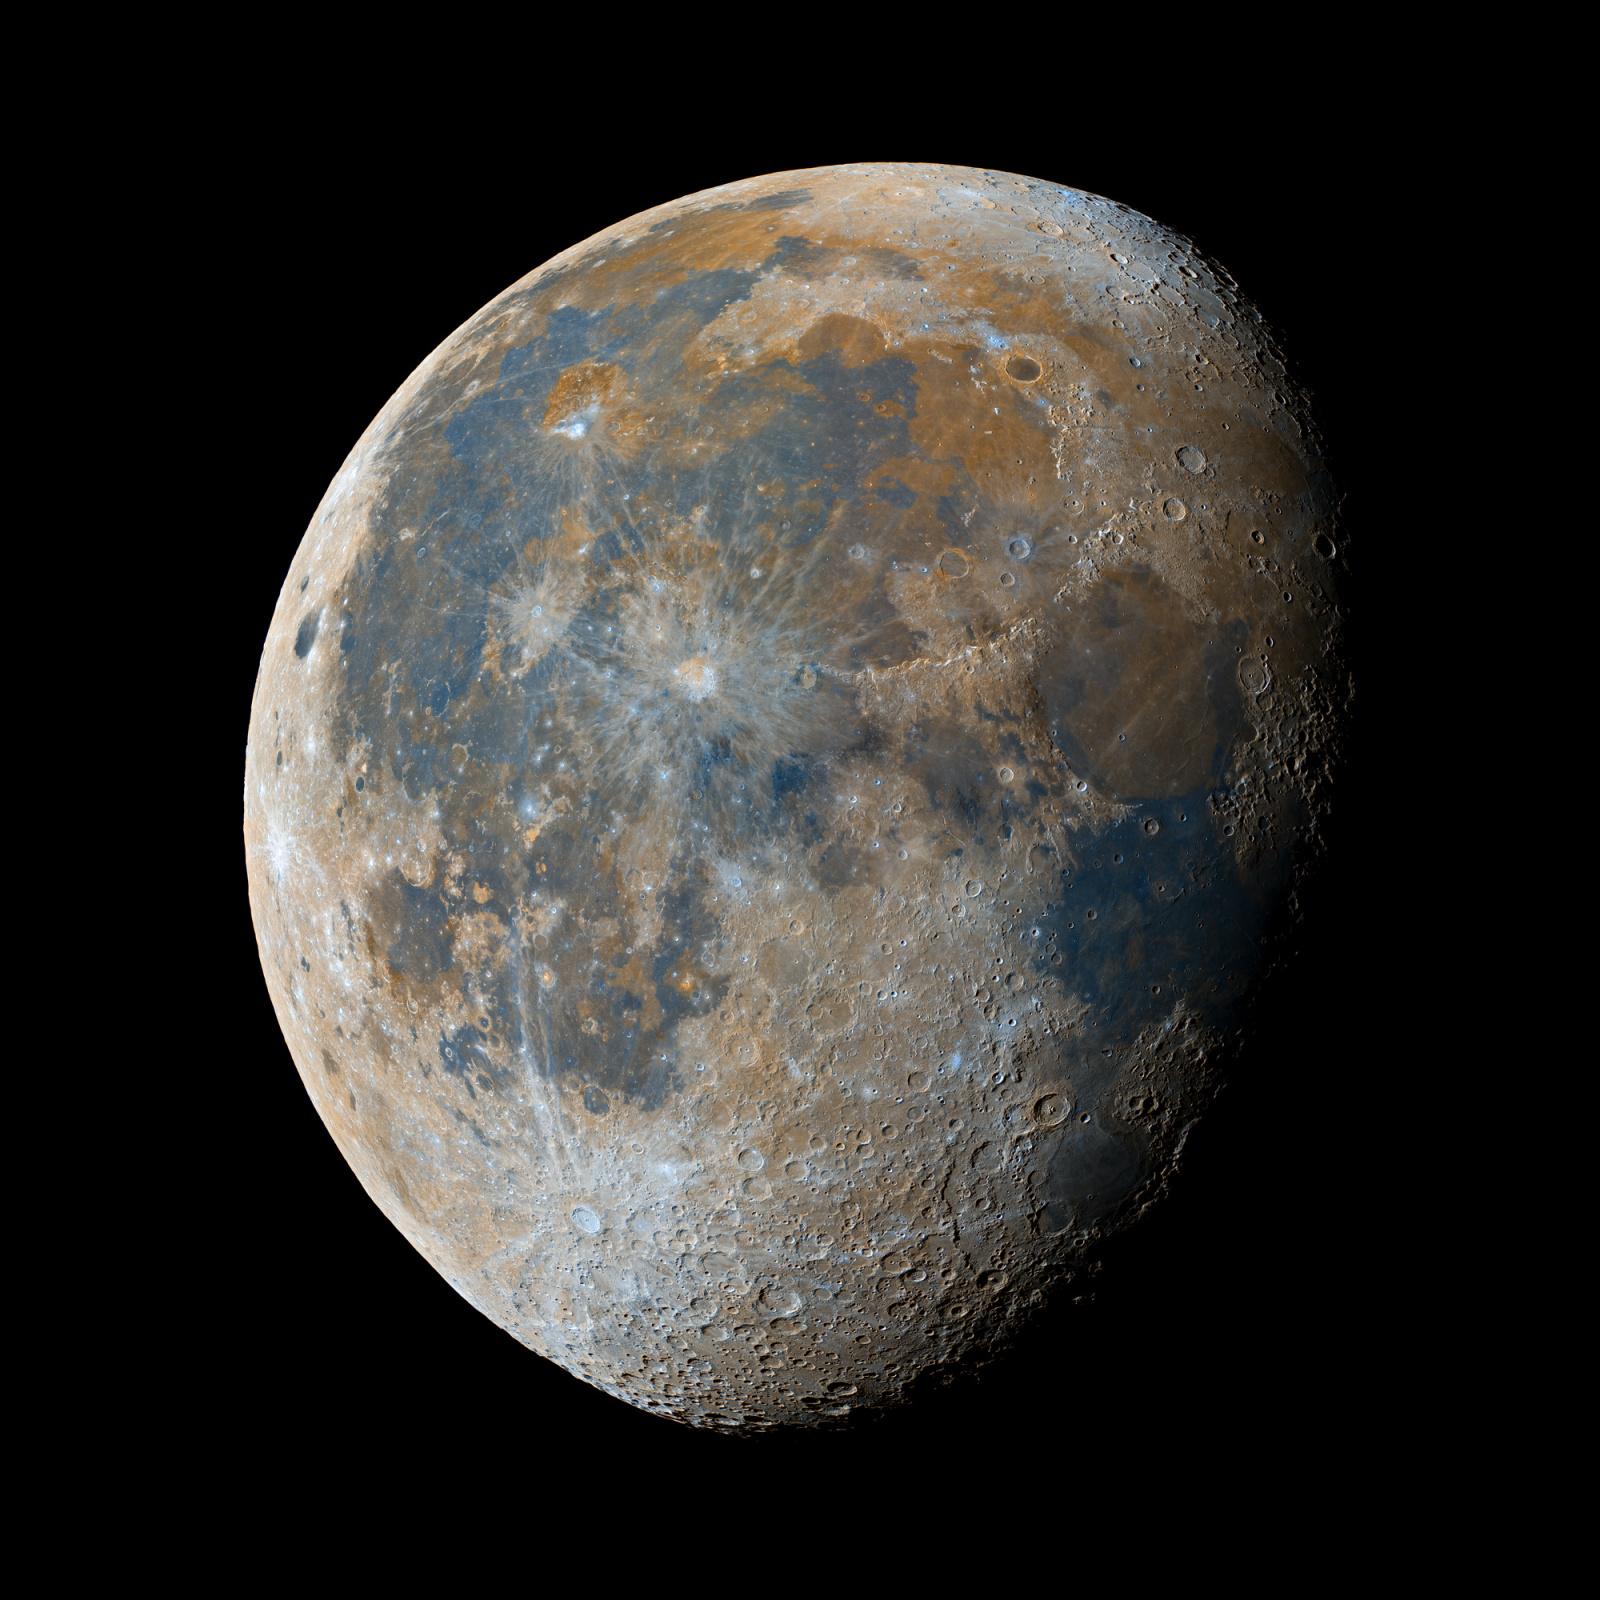 200808-moon-color.thumb.jpg.0155e892c5e60336e0186292646349b5.jpg